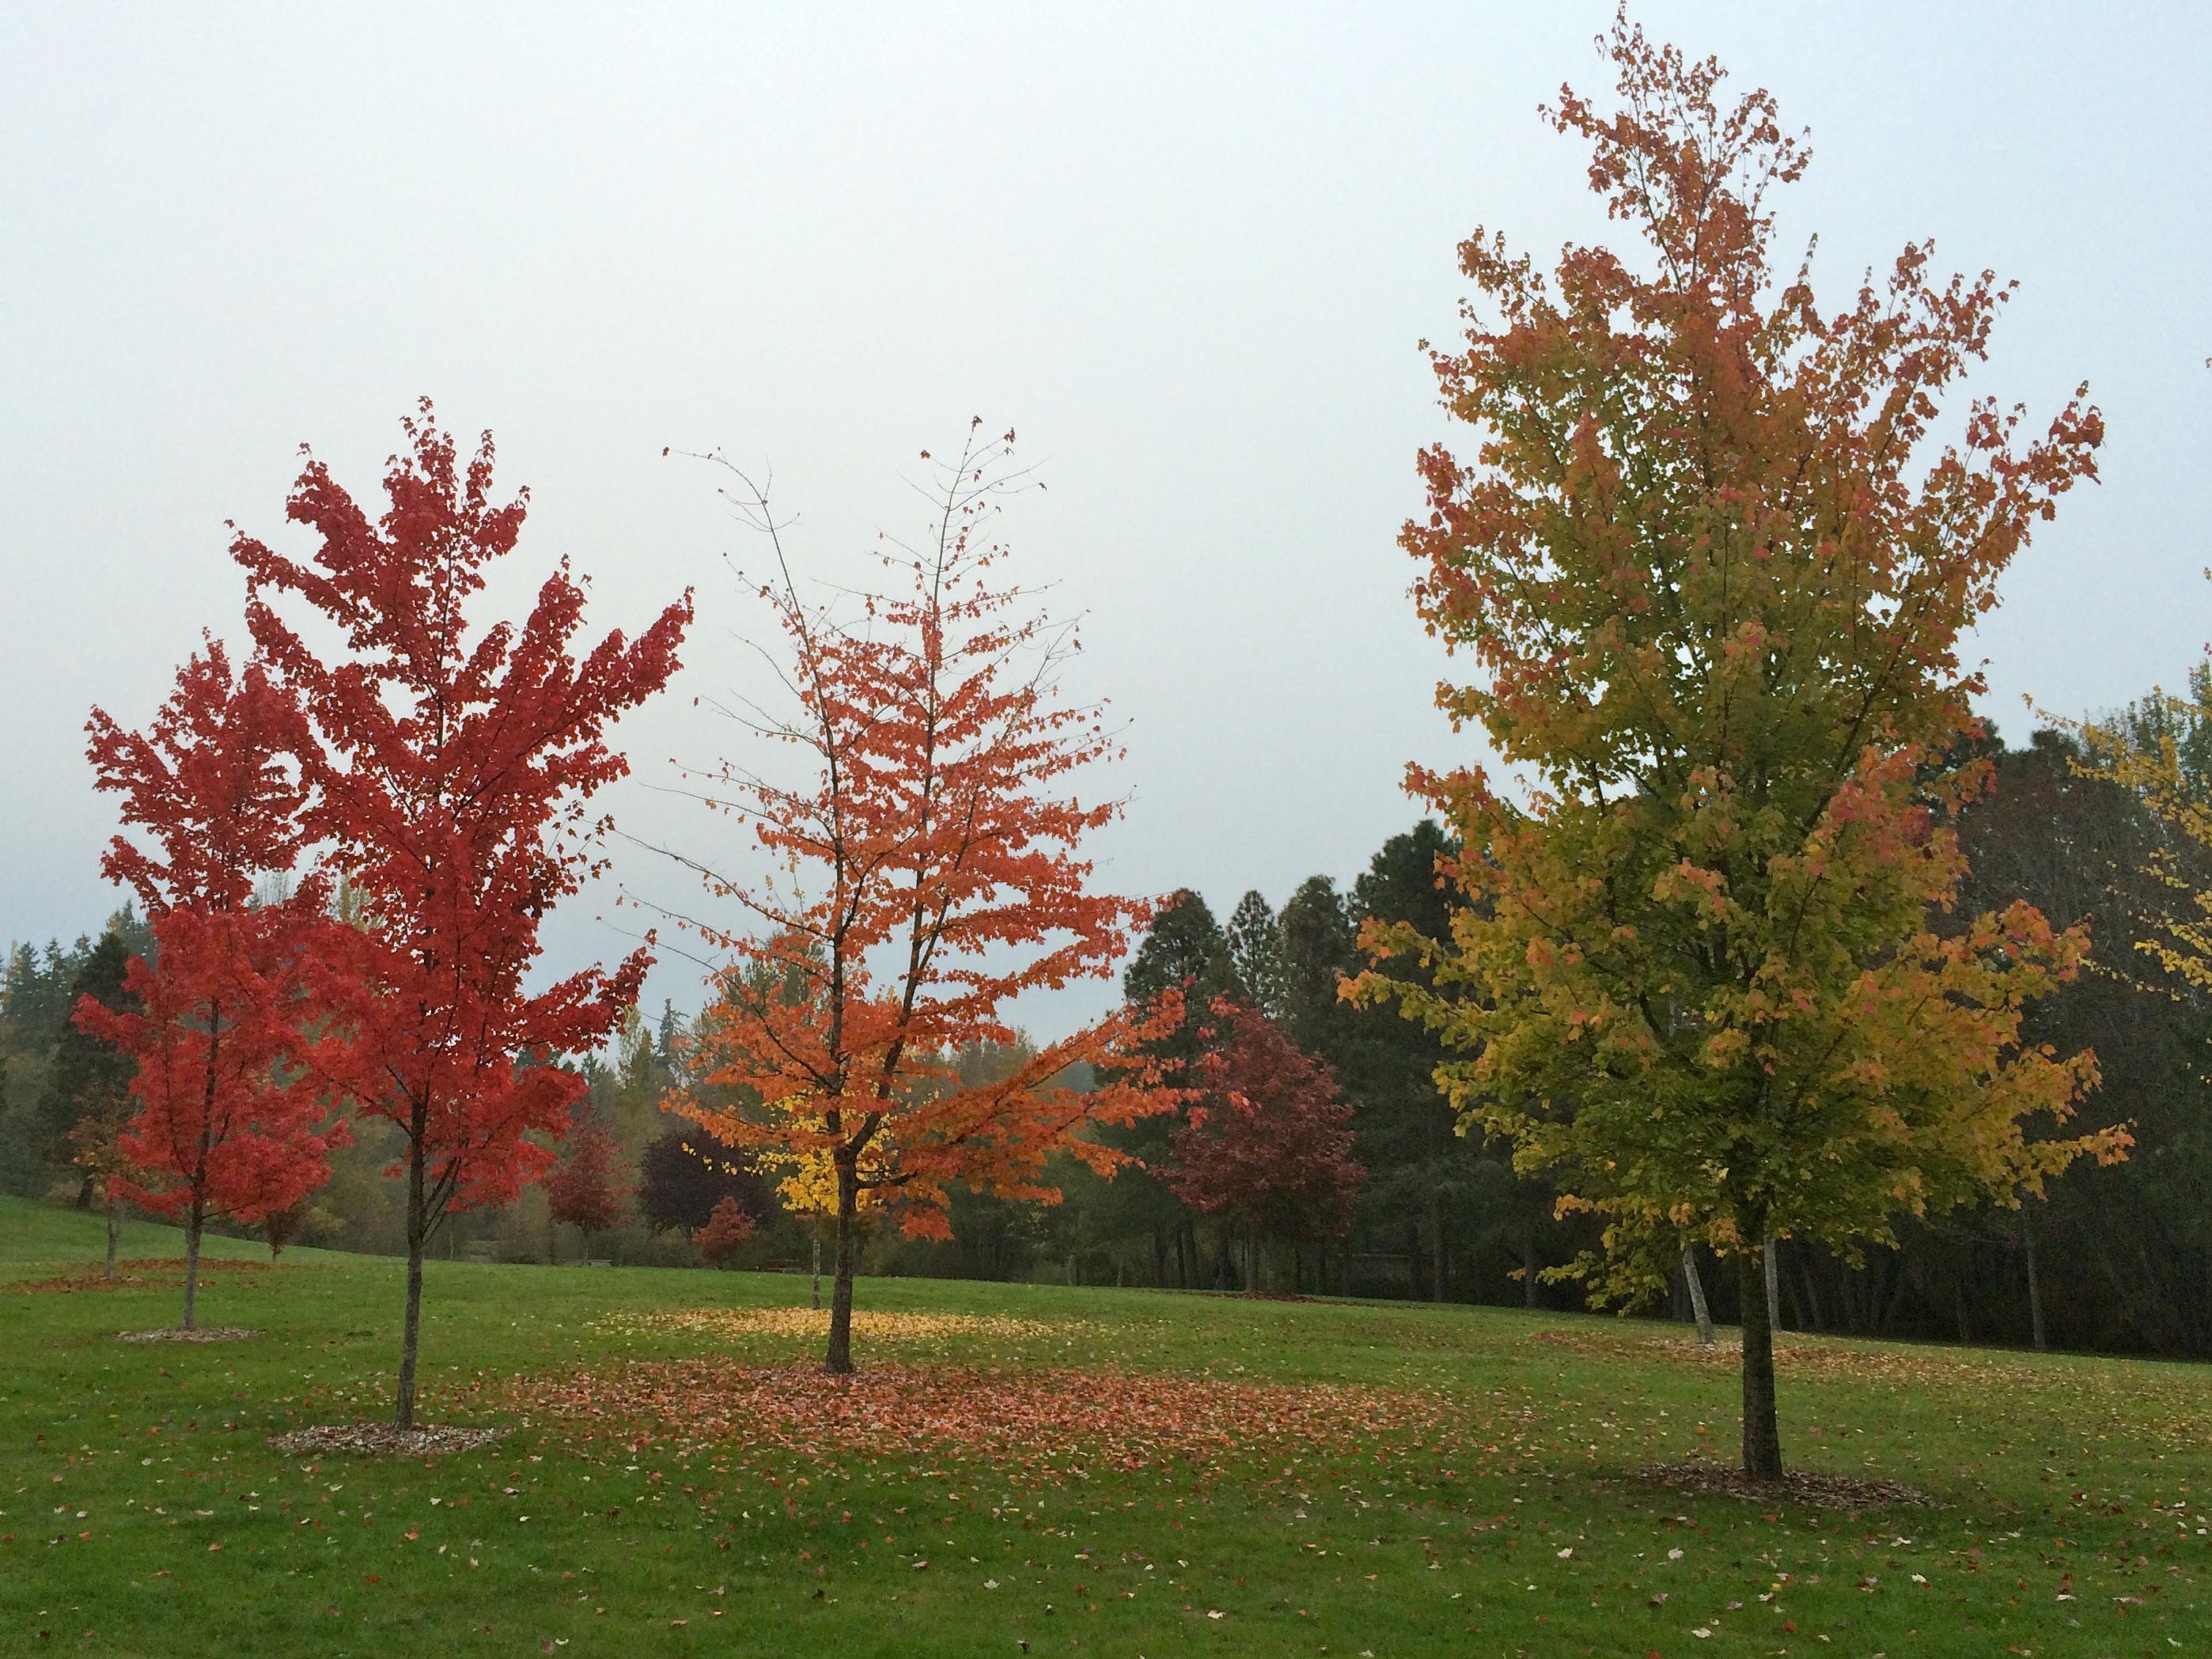 Fall on Bainbridge Island by Jen Pells